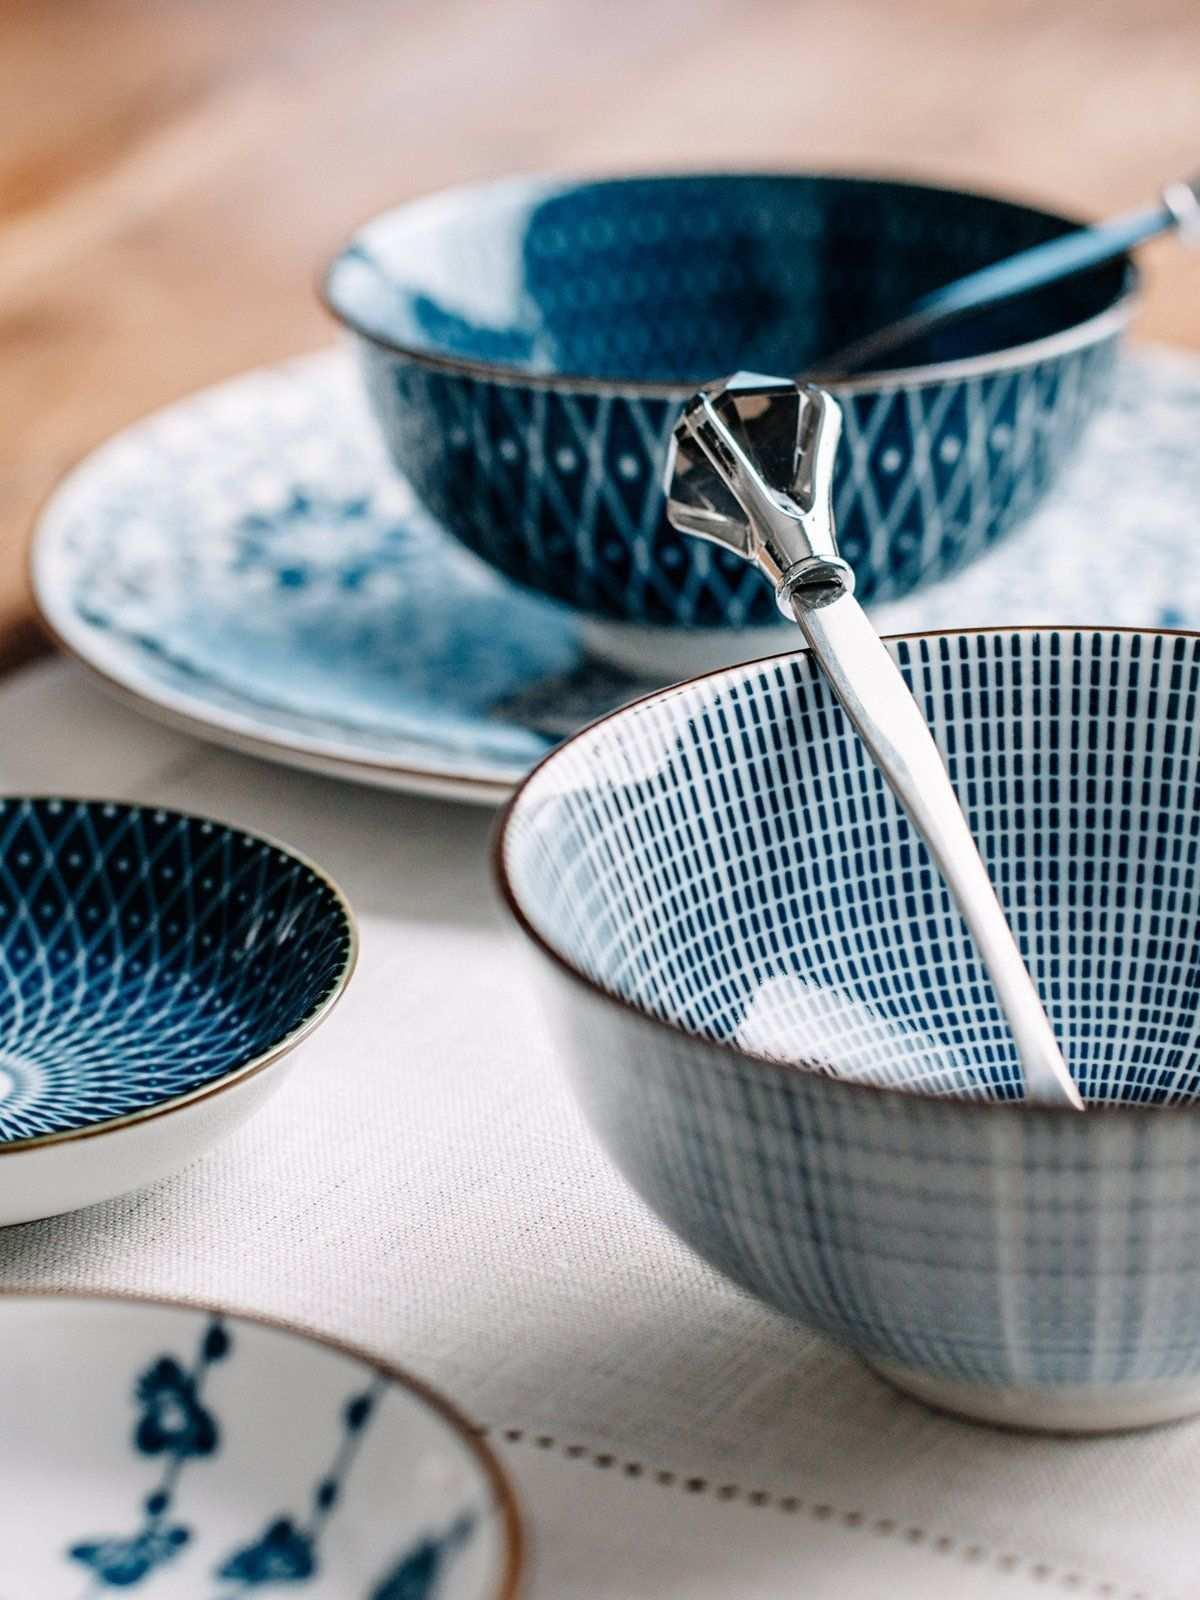 Ob Asiatisch Oder Fruhstucksbowl Feine Muster Und Linien Freuen Den Essenden Betrachter Doch Immer Am Besten Sieht Das Geschirr Schones Geschirr Blau Muster